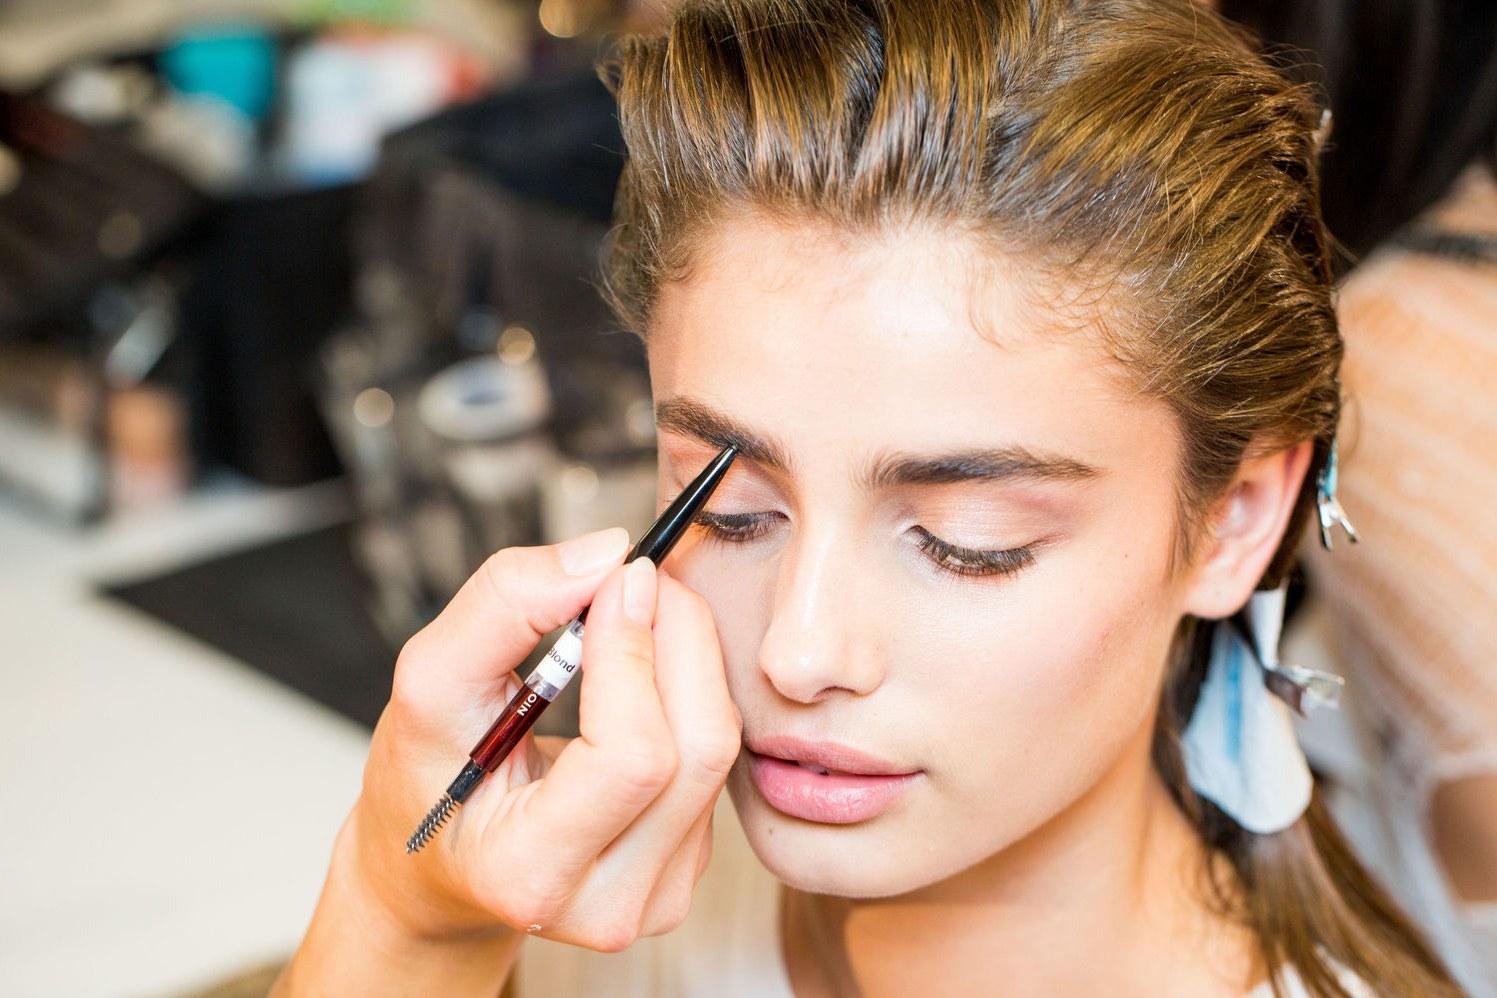 Makeup artist makeup